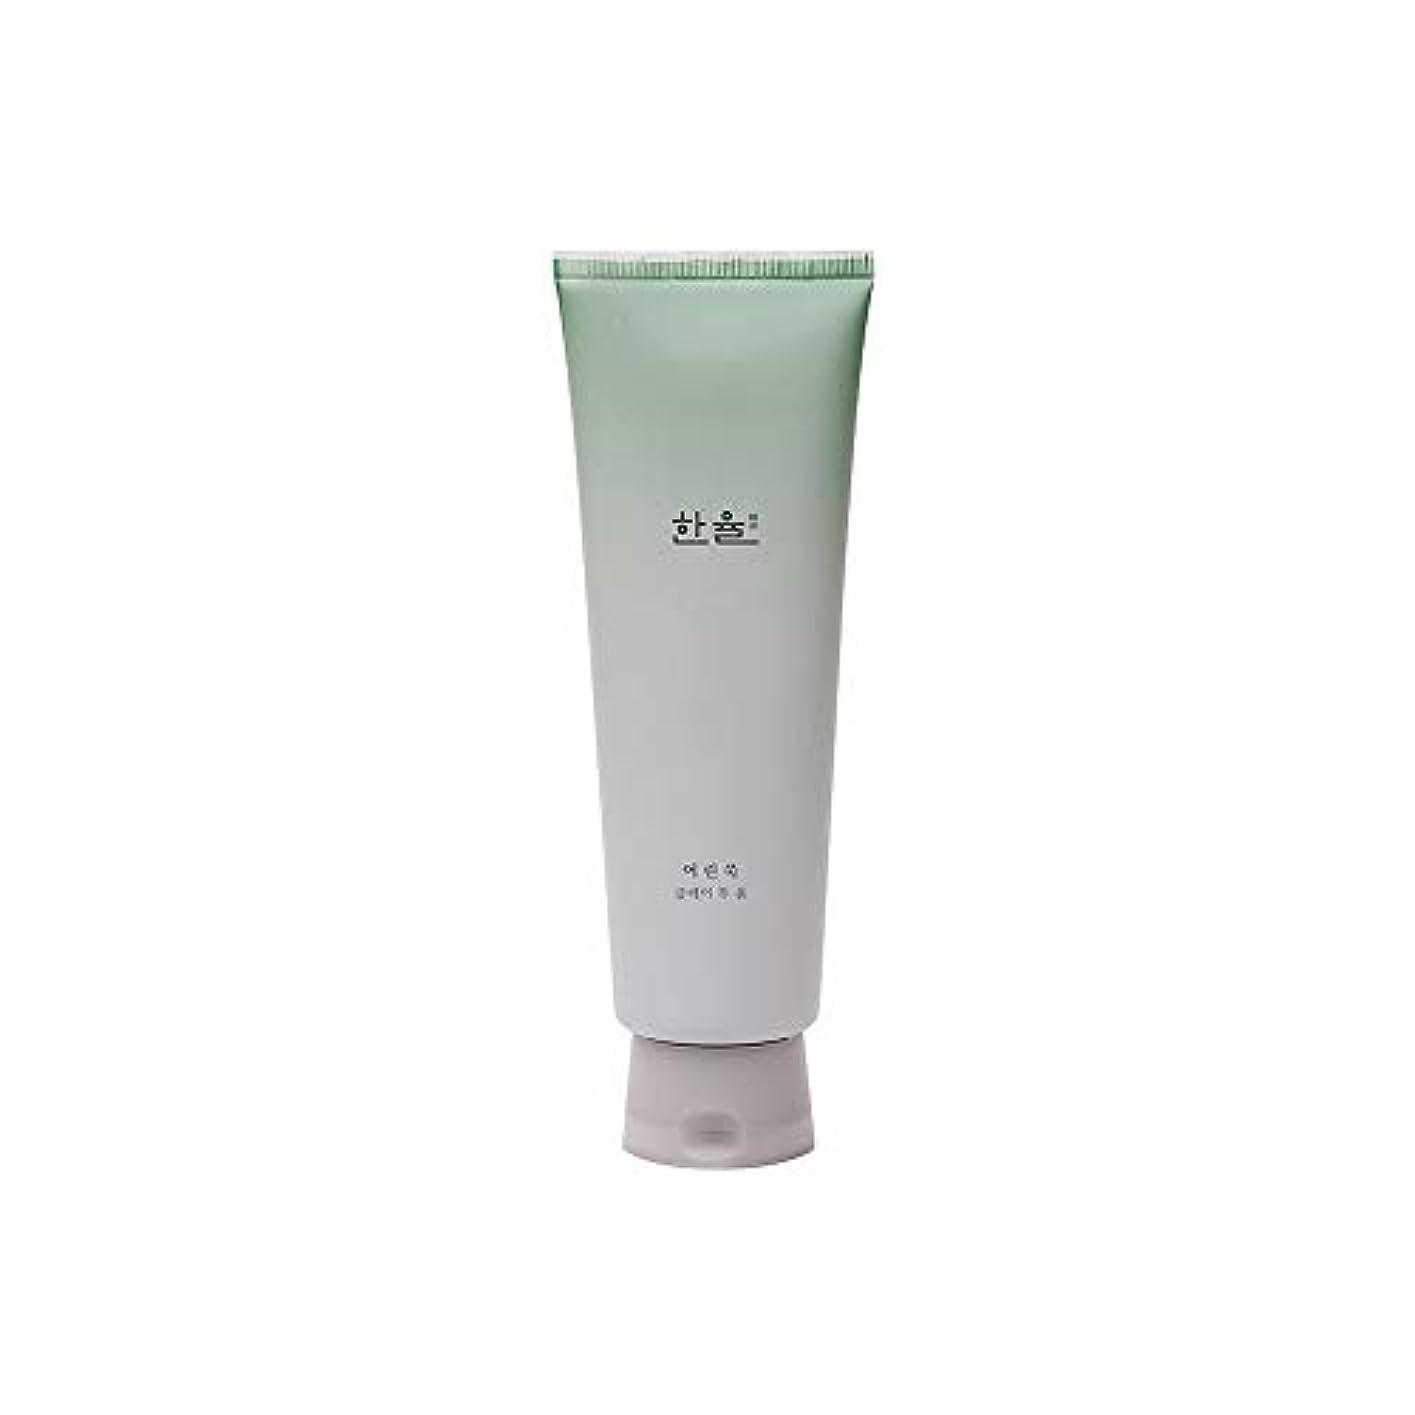 ほんのマラドロイトディスク【HANYUL公式】 ハンユル ヨモギクレイトゥーフォーム 170ml / Hanyul Pure Artemisia Clay to foam 170ml